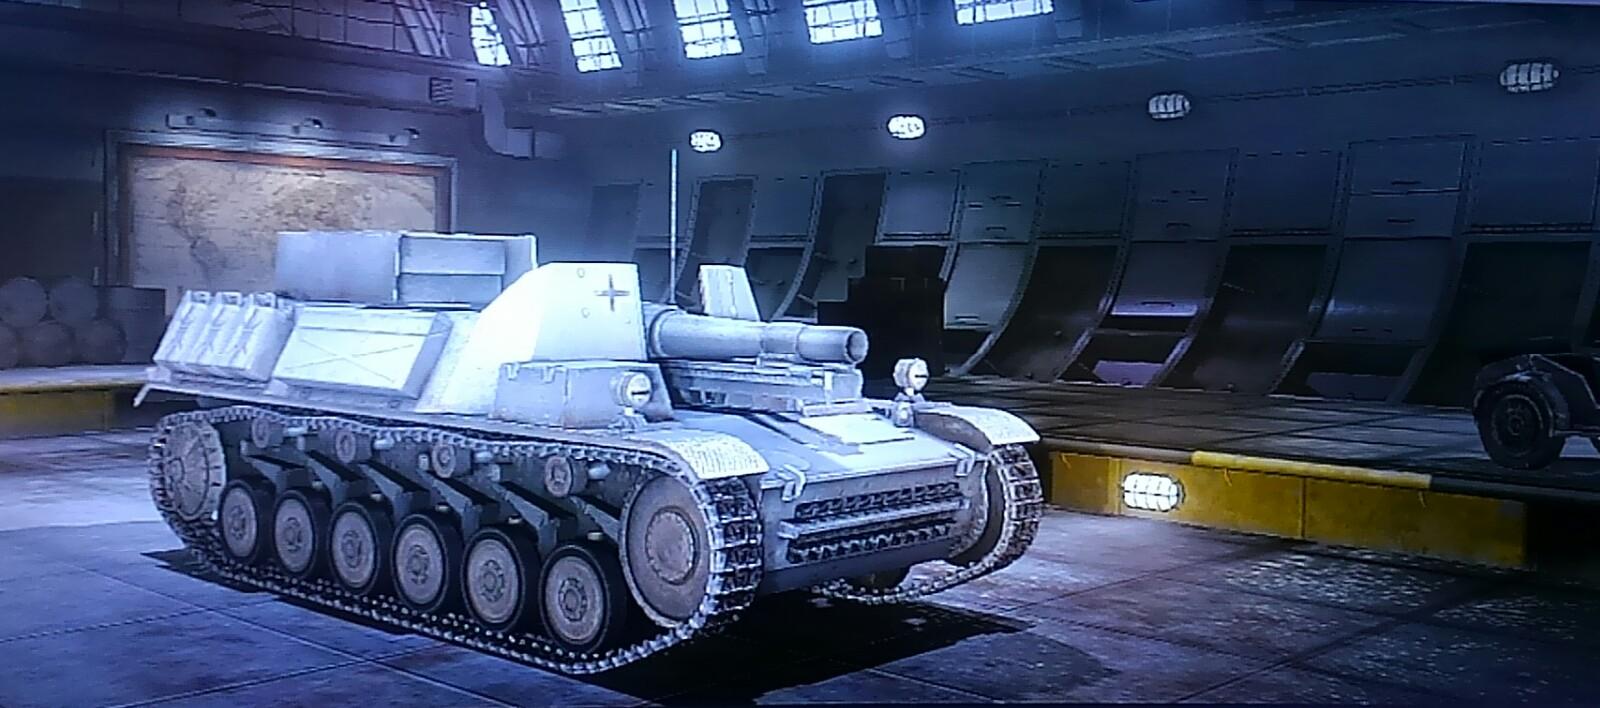 1_Sturmpanzer_II.jpg